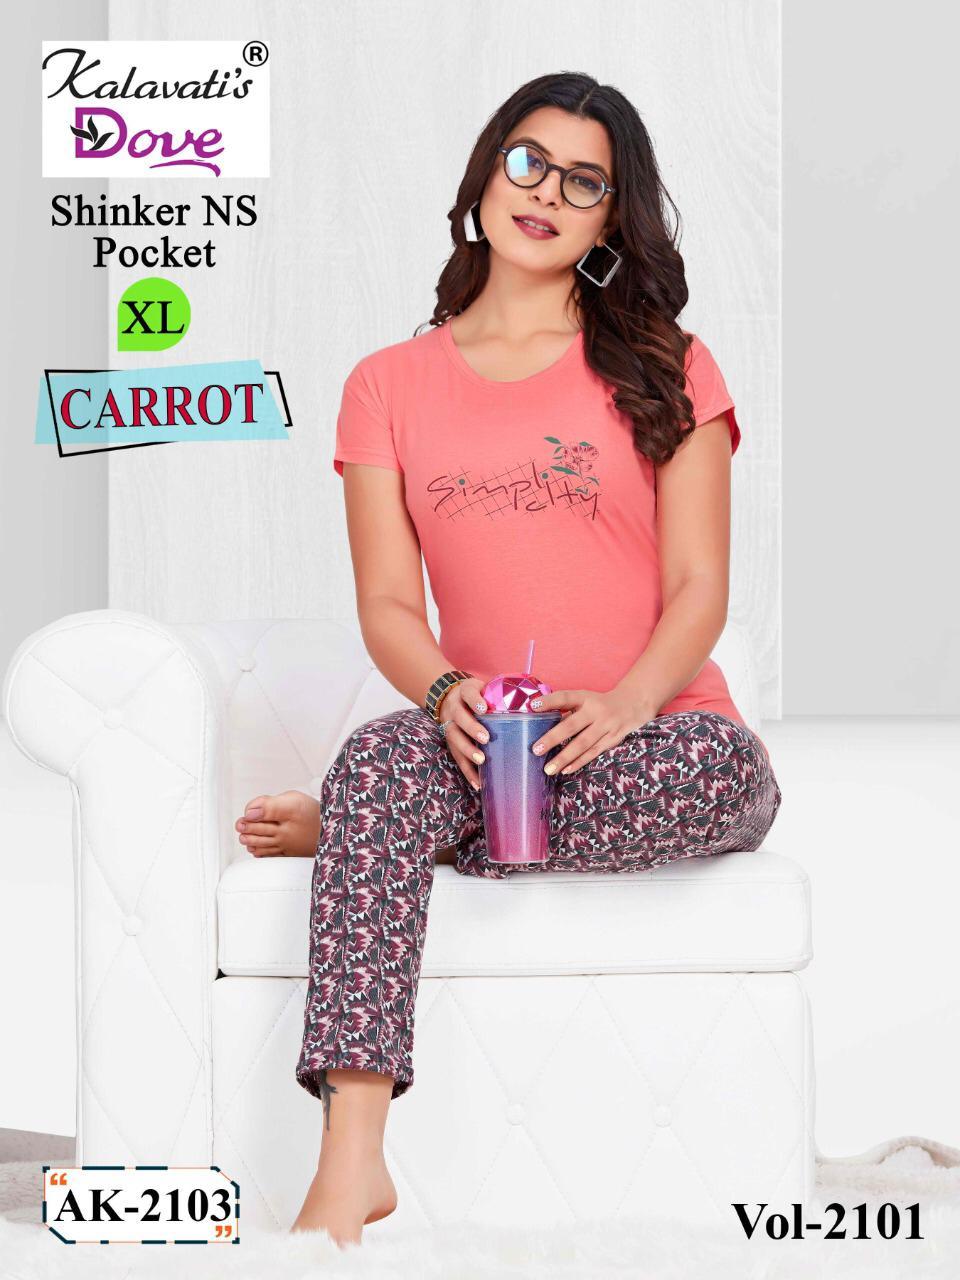 Kalavati Dove Carrot Night Wear Wholesale Catalog 6 Pcs 1 - Kalavati Dove Carrot Night Wear Wholesale Catalog 6 Pcs